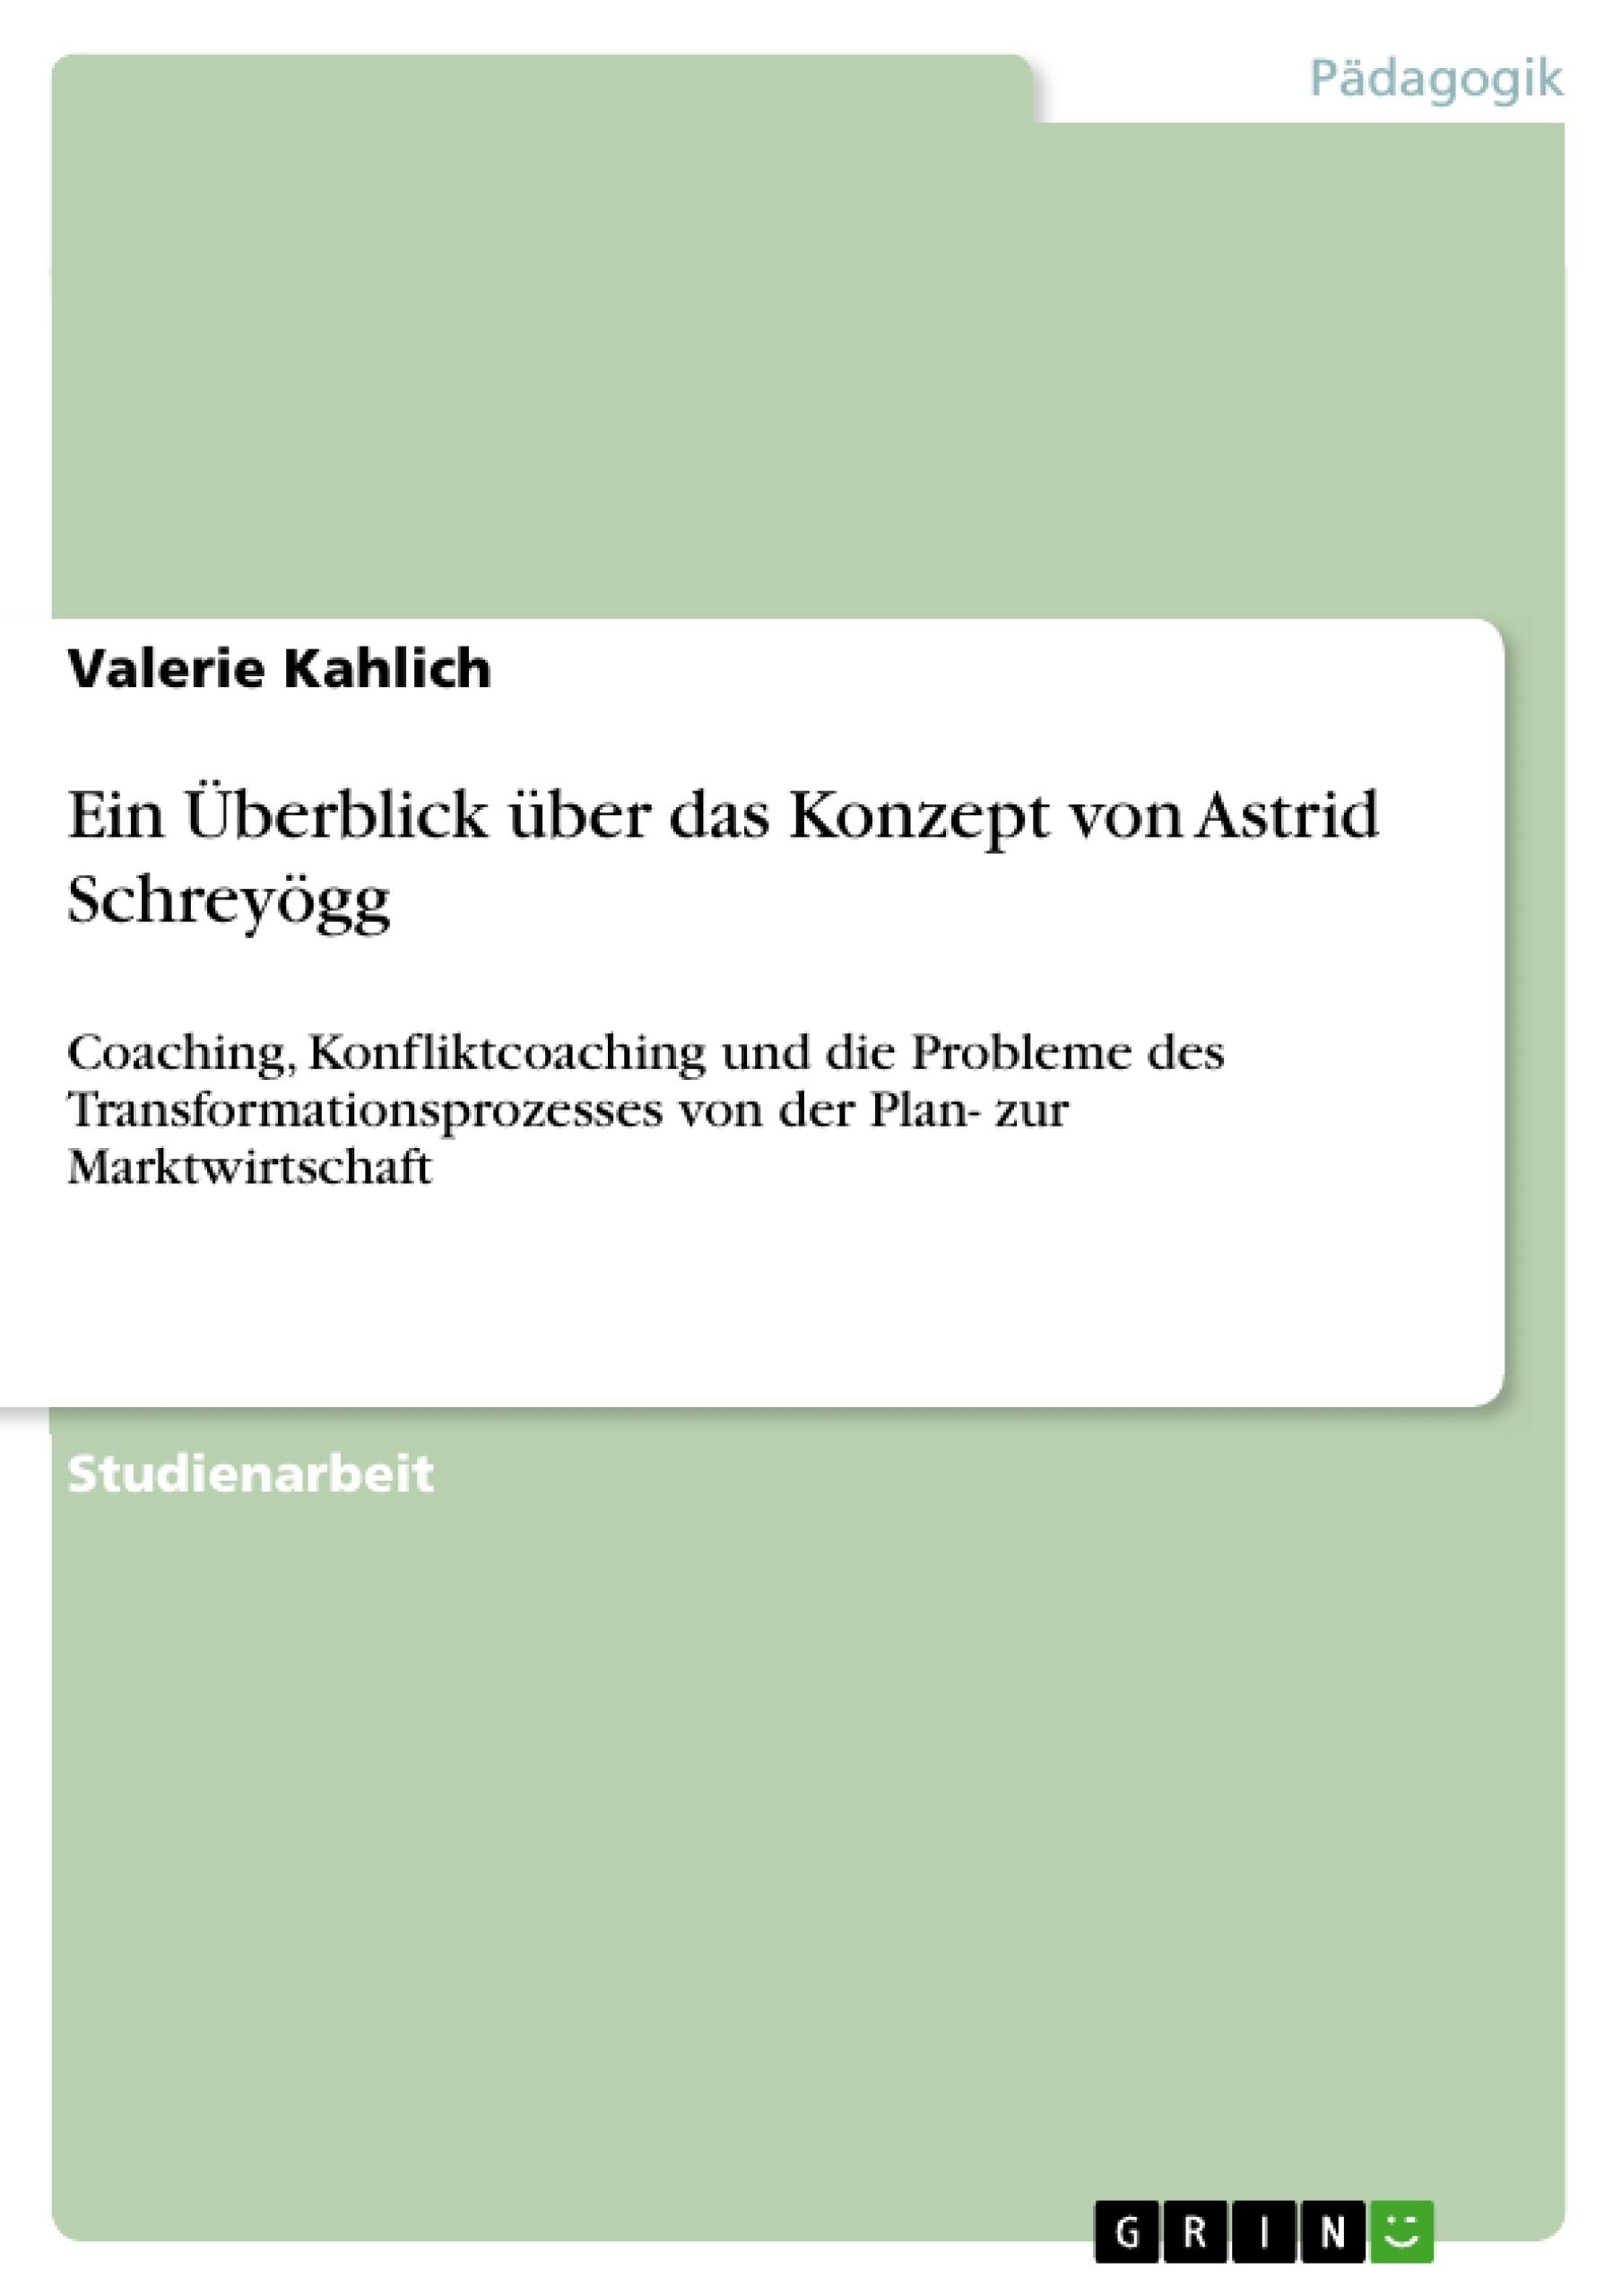 Titel: Ein Überblick über das Konzept von Astrid Schreyögg